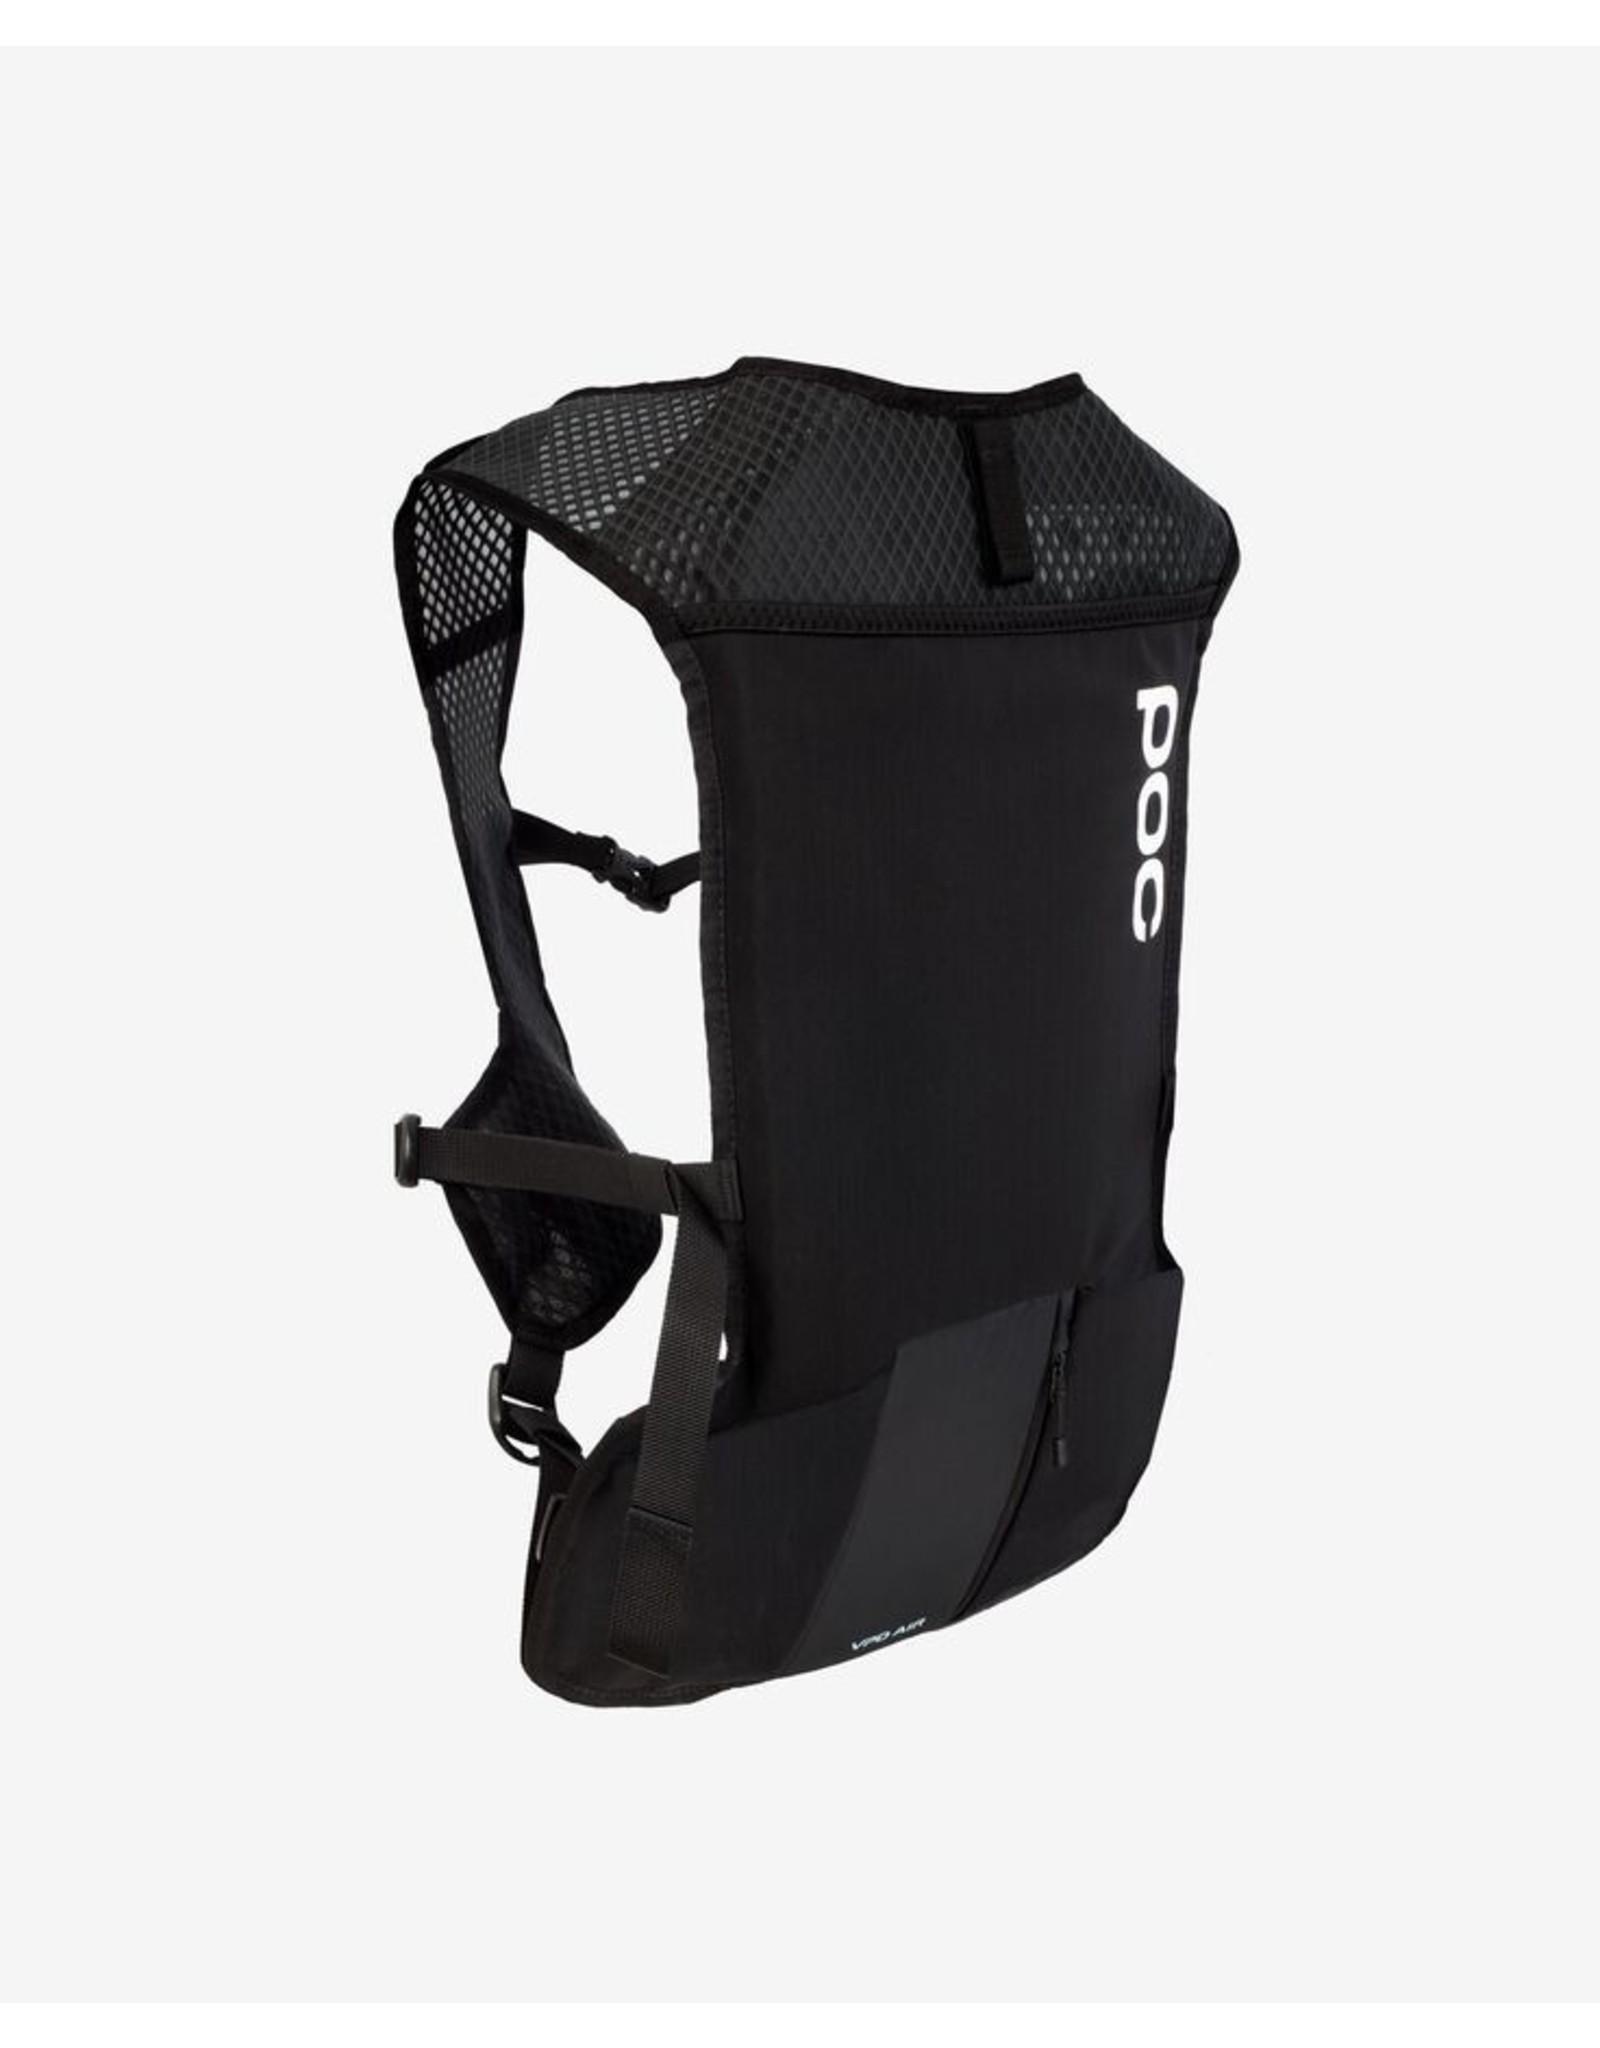 POC POC Spine VPD Air Backpack Vest